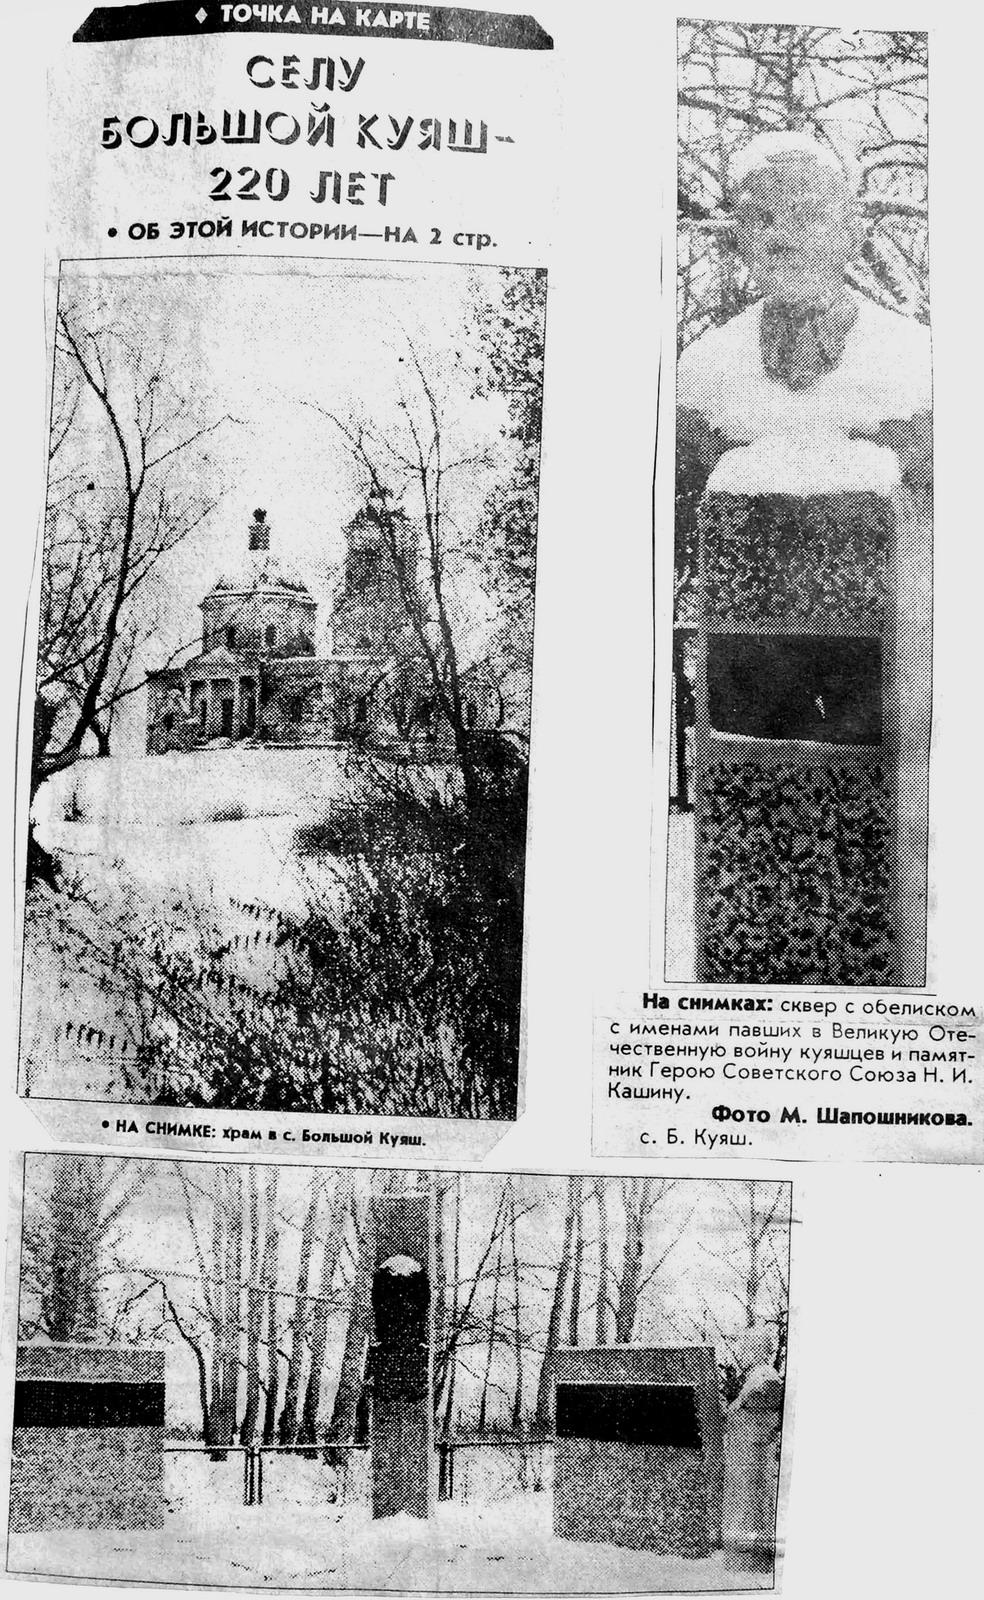 Проект реставрации церкви Покрова Богородицы. Справка